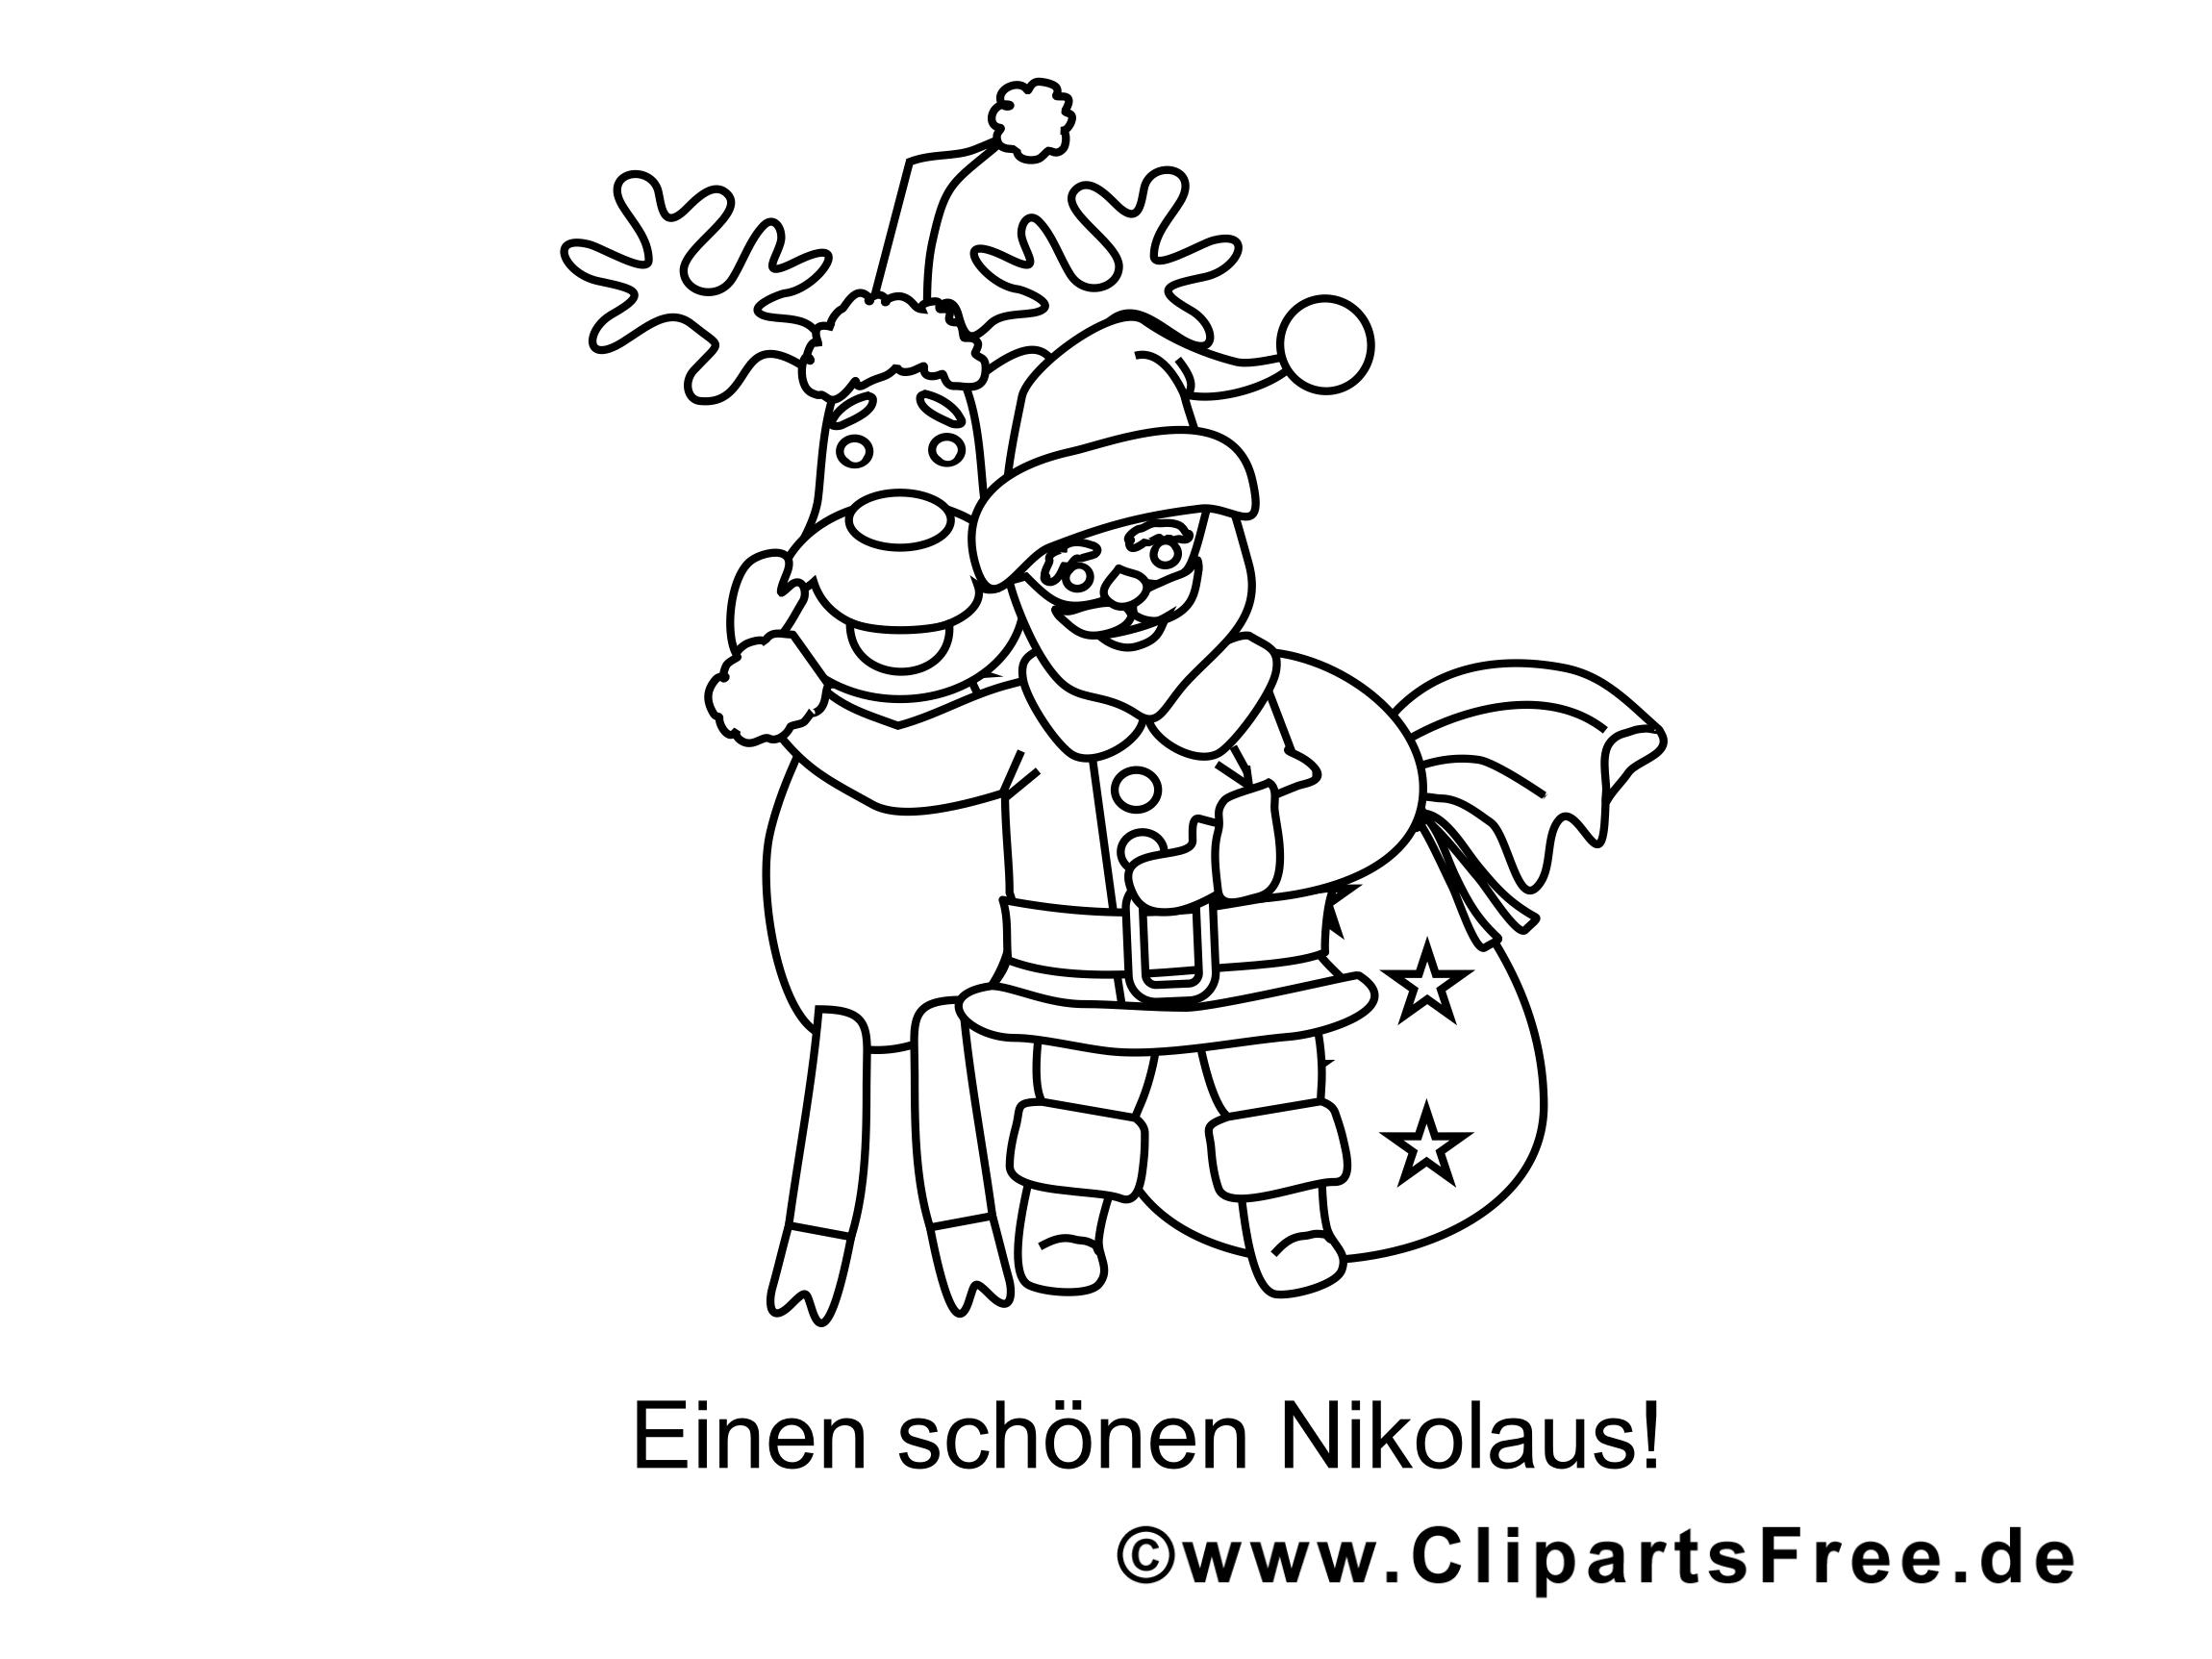 nikolaus rentier ausmalbilder für kinder kostenlos ausdrucken